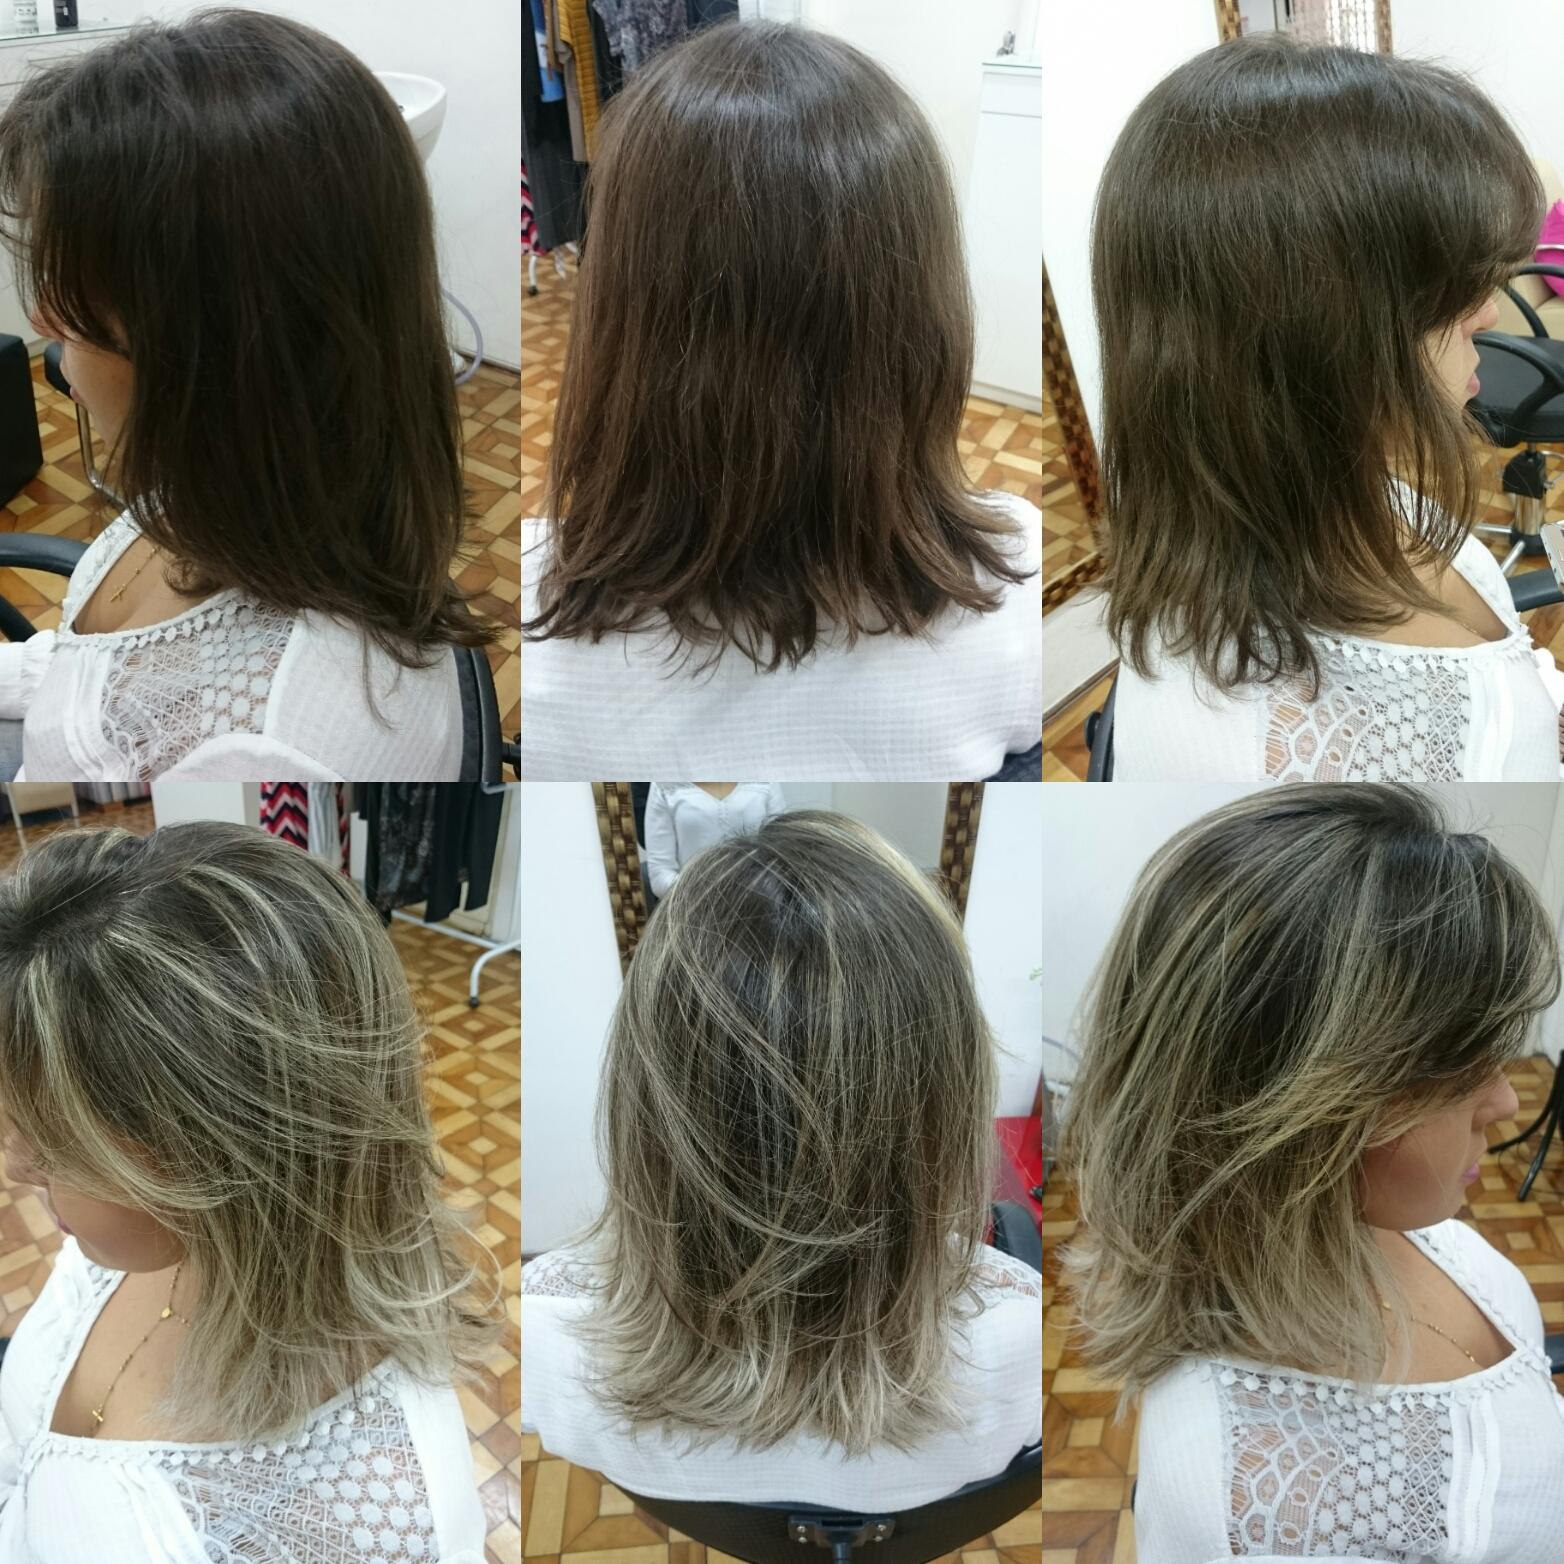 #luzes #ombrehair #ombrehighlights #blonde #hair #loirodossonhos #job #transformation #transformacao #cabelos #cabelosloiros  #loirossaudaveis #loirosdivos #loirosdourados #loirosamanteigados #loirosperolados #loirosplatinados cabelo cabeleireiro(a) stylist / visagista maquiador(a) designer de sobrancelhas